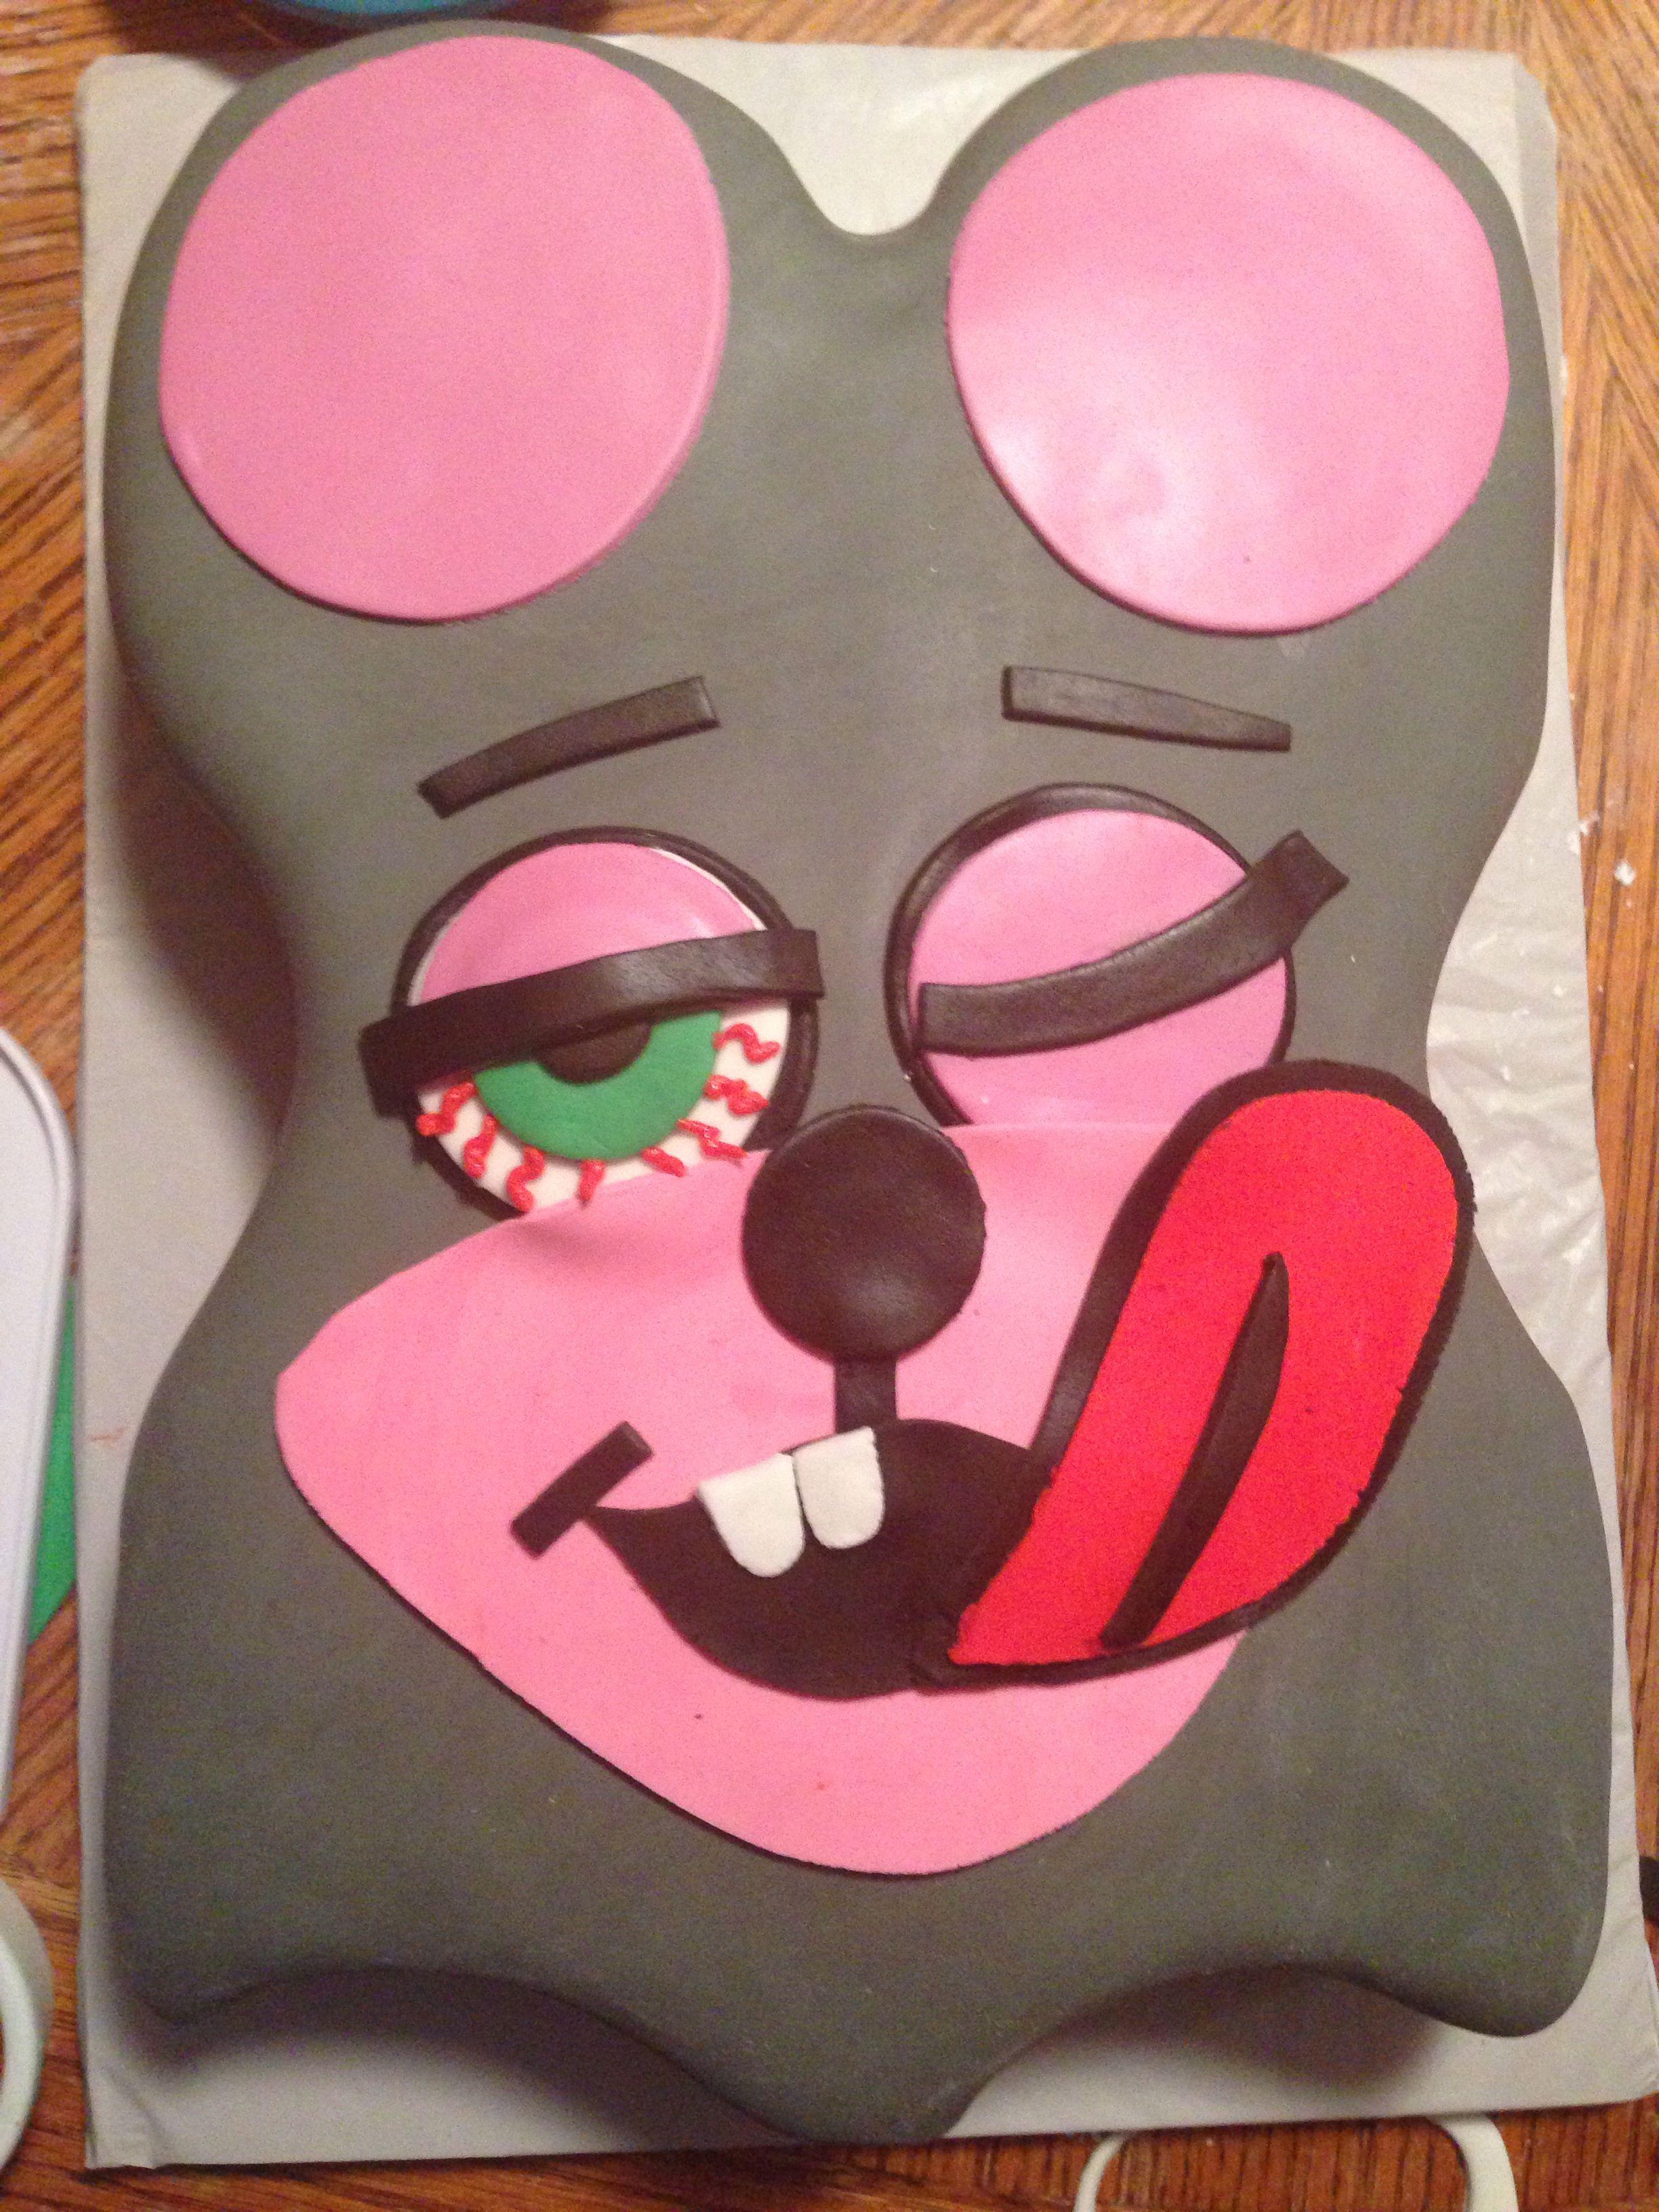 Miley Cyrus Twerk Cake